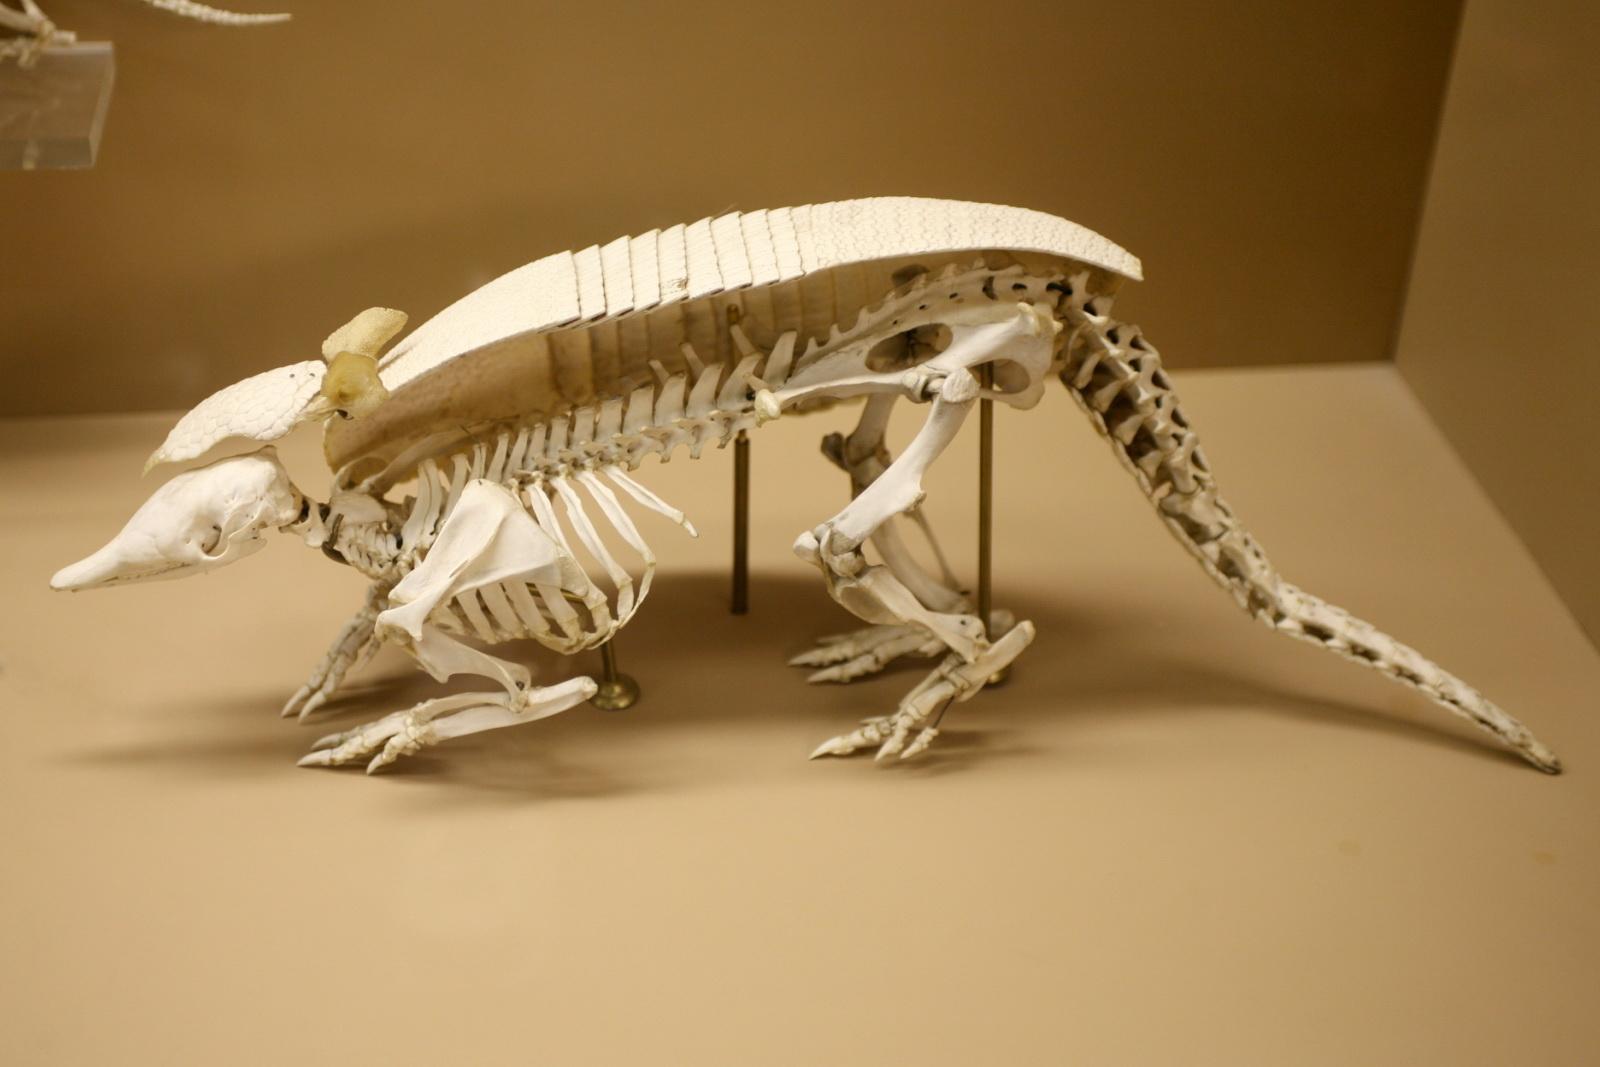 http://upload.wikimedia.org/wikipedia/commons/e/e6/Dasypus_skeleton.jpg